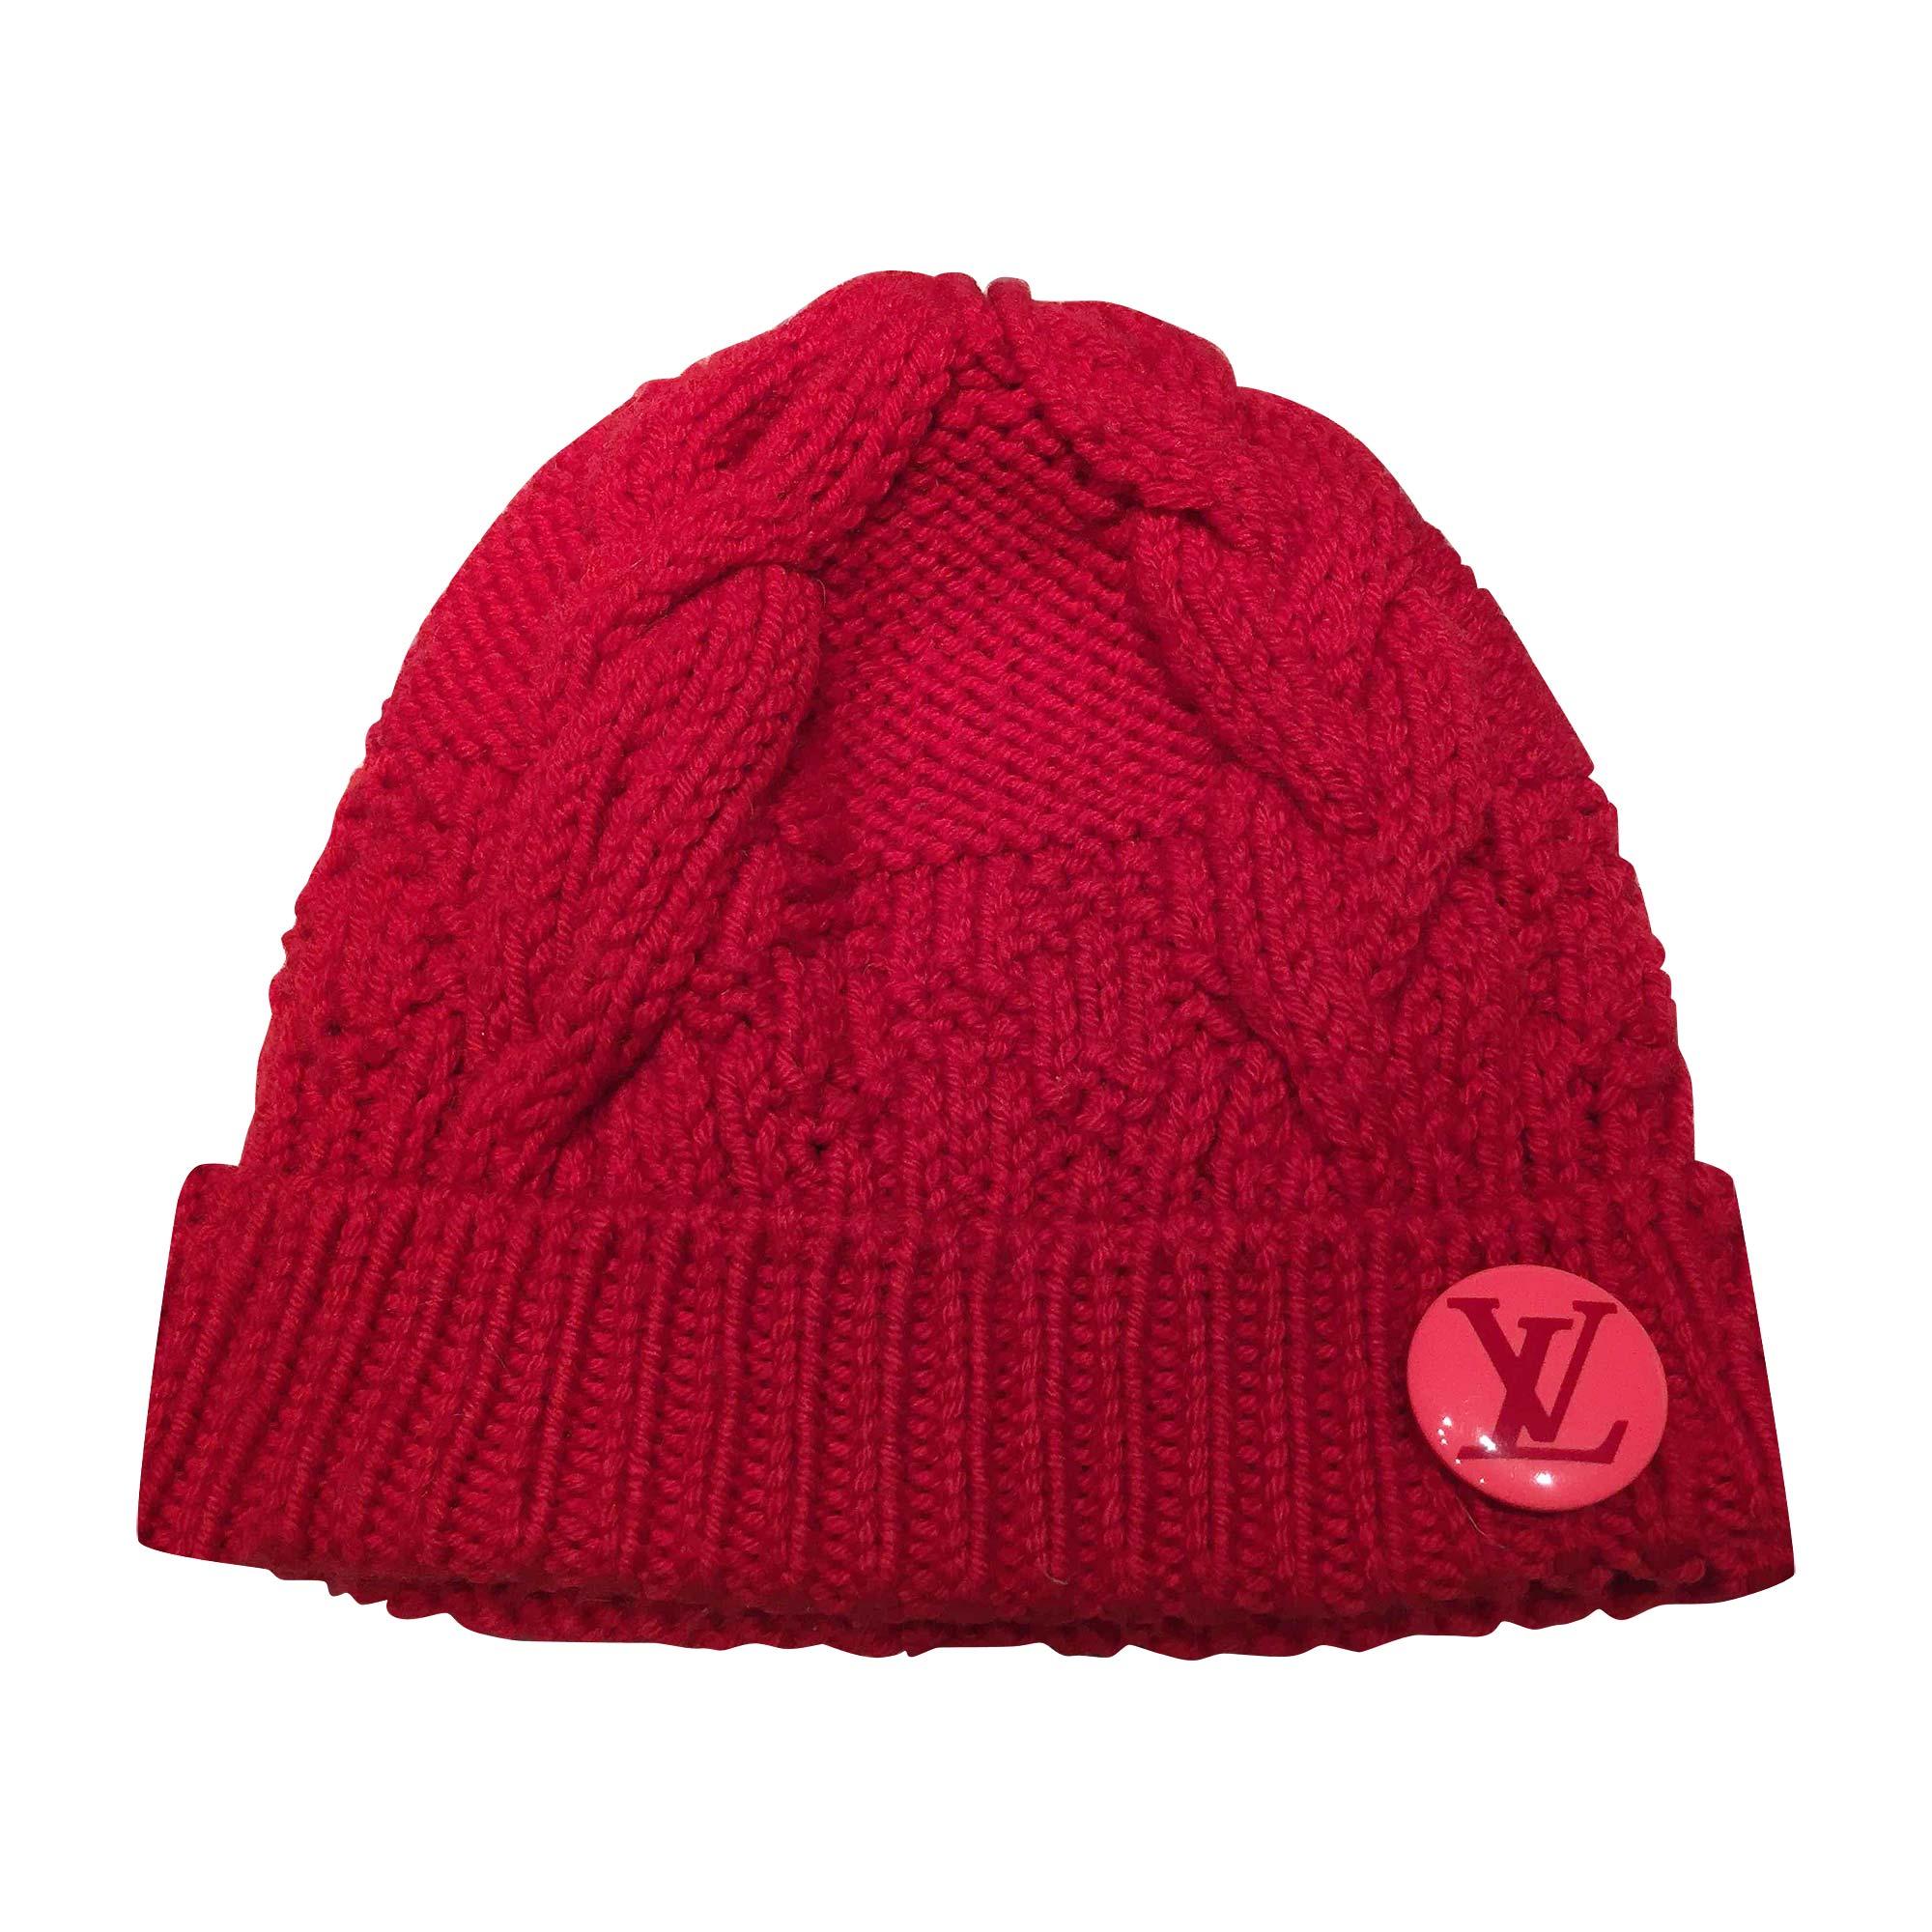 f8baf2453146 Bonnet LOUIS VUITTON Taille unique rouge vendu par ...